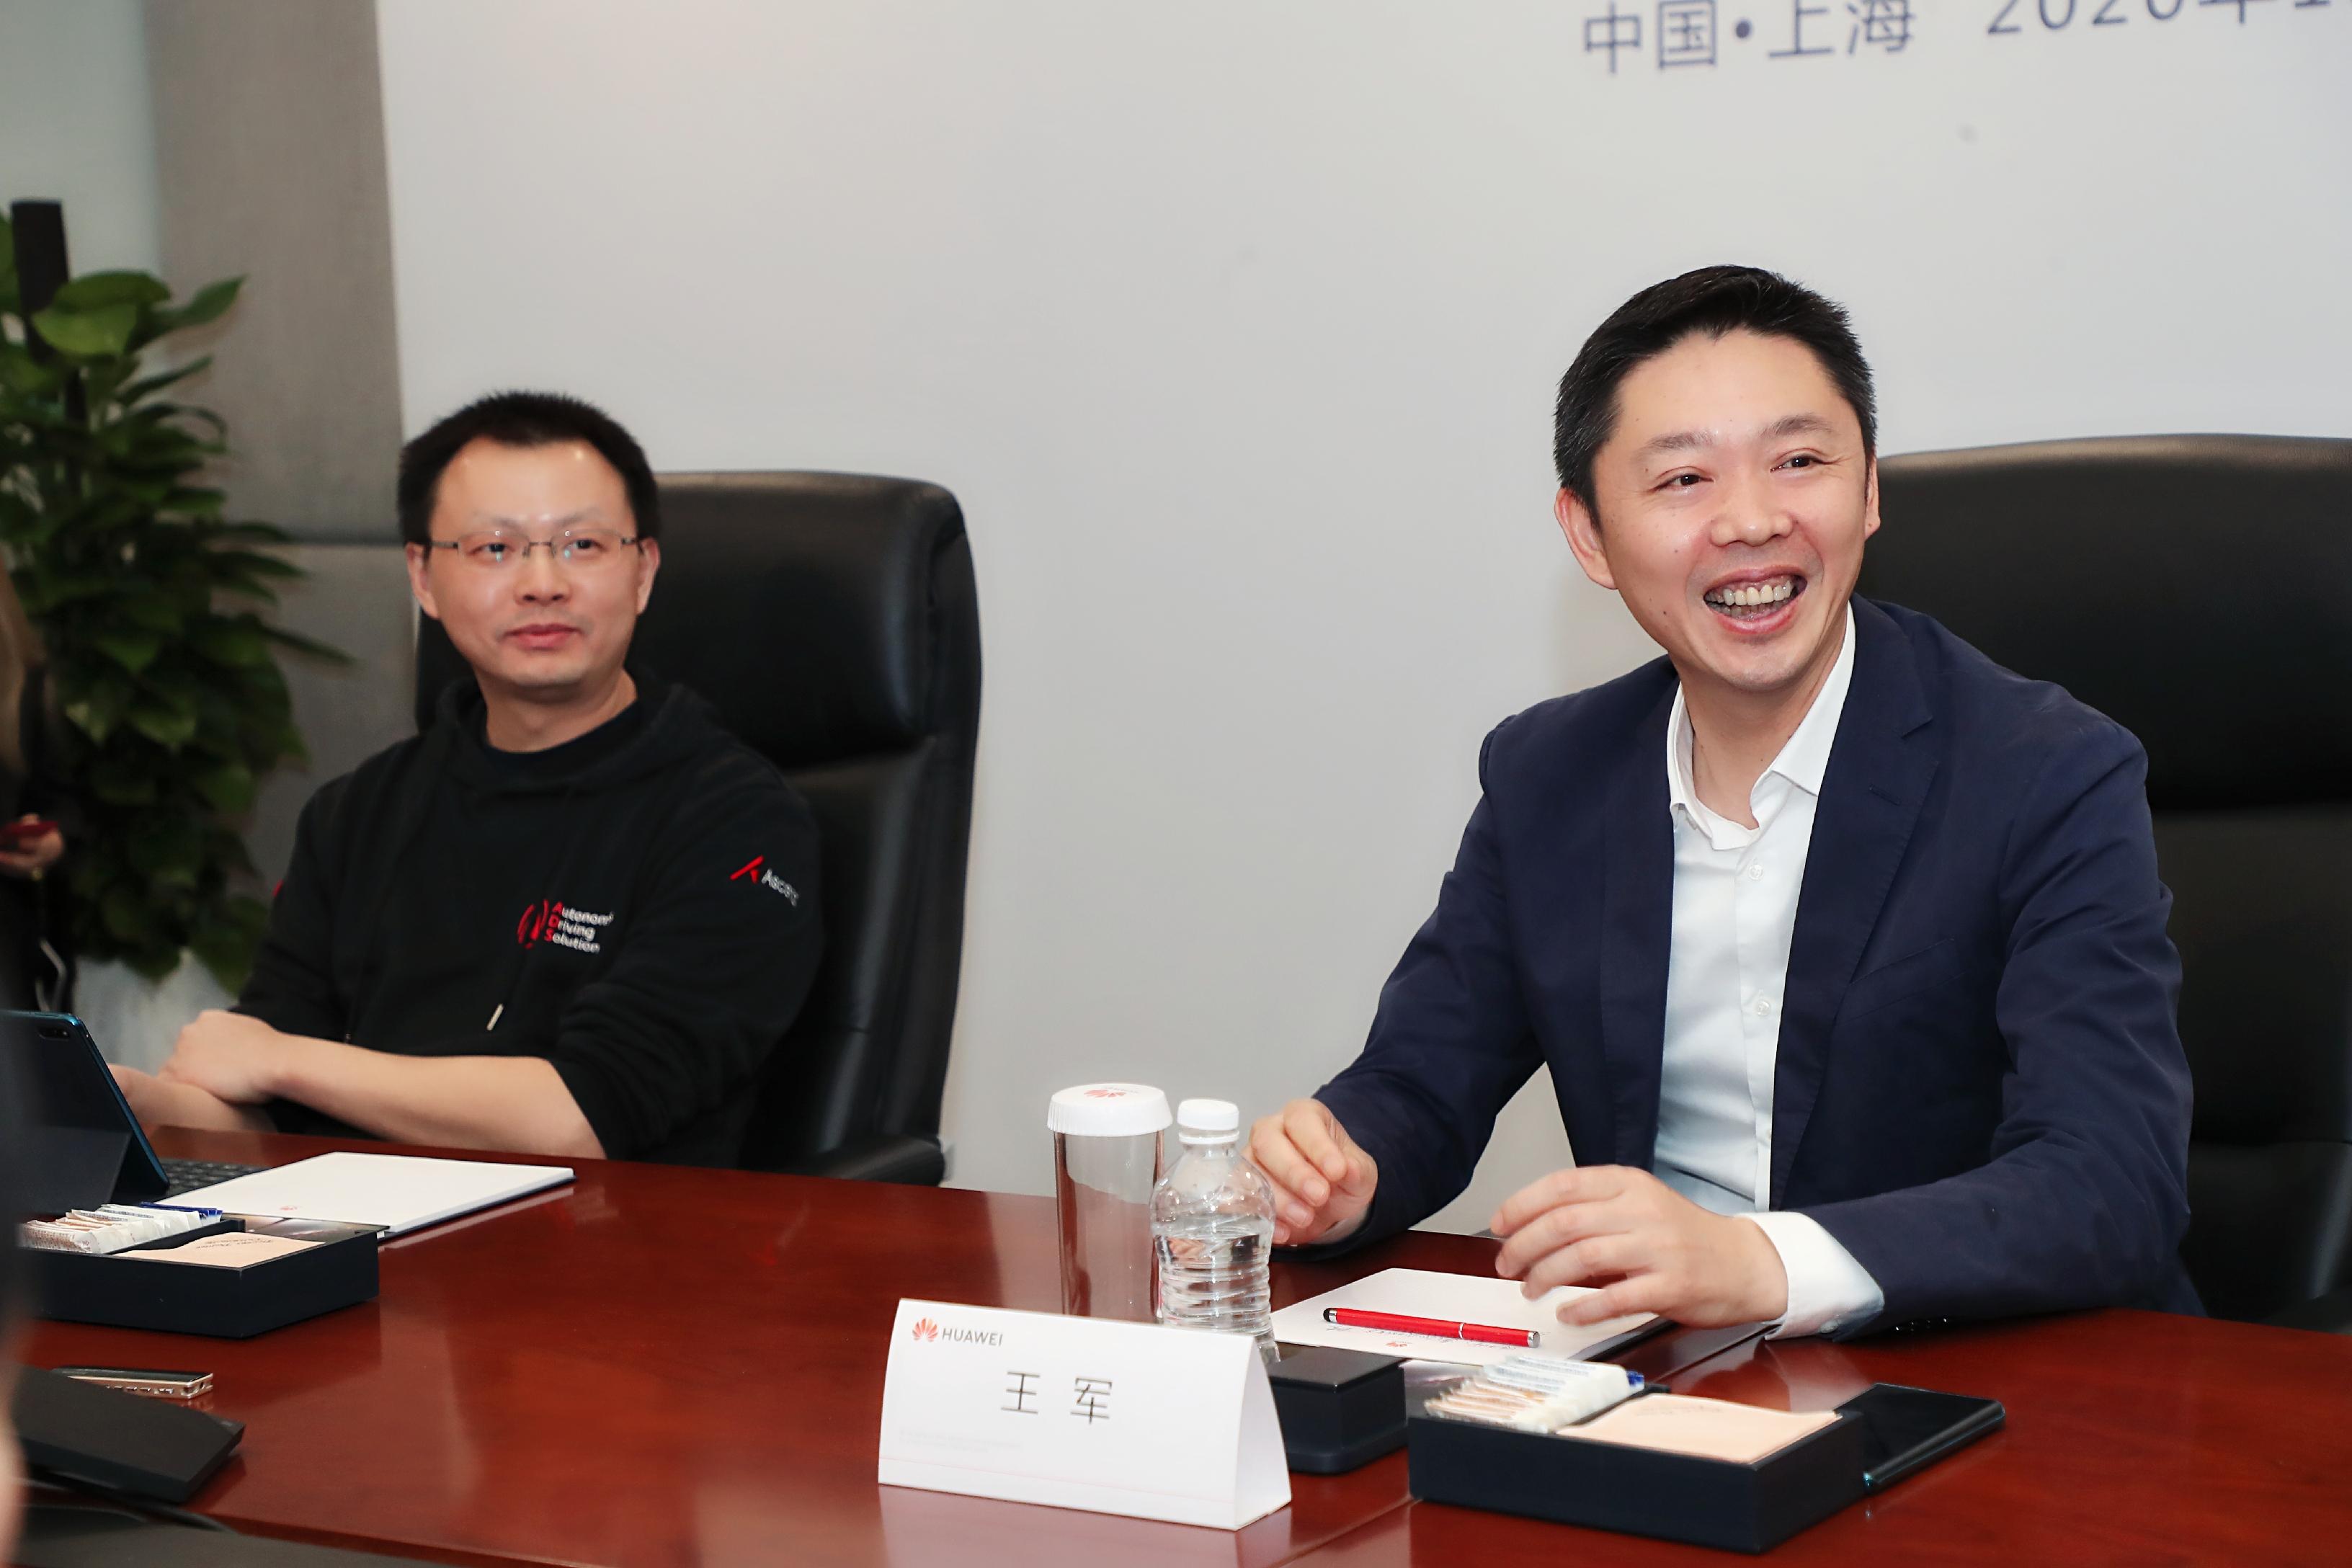 华为智能汽车解决方案BU总裁王军、ADS智能驾驶产品线总裁(右)和首席架构师苏菁(左)